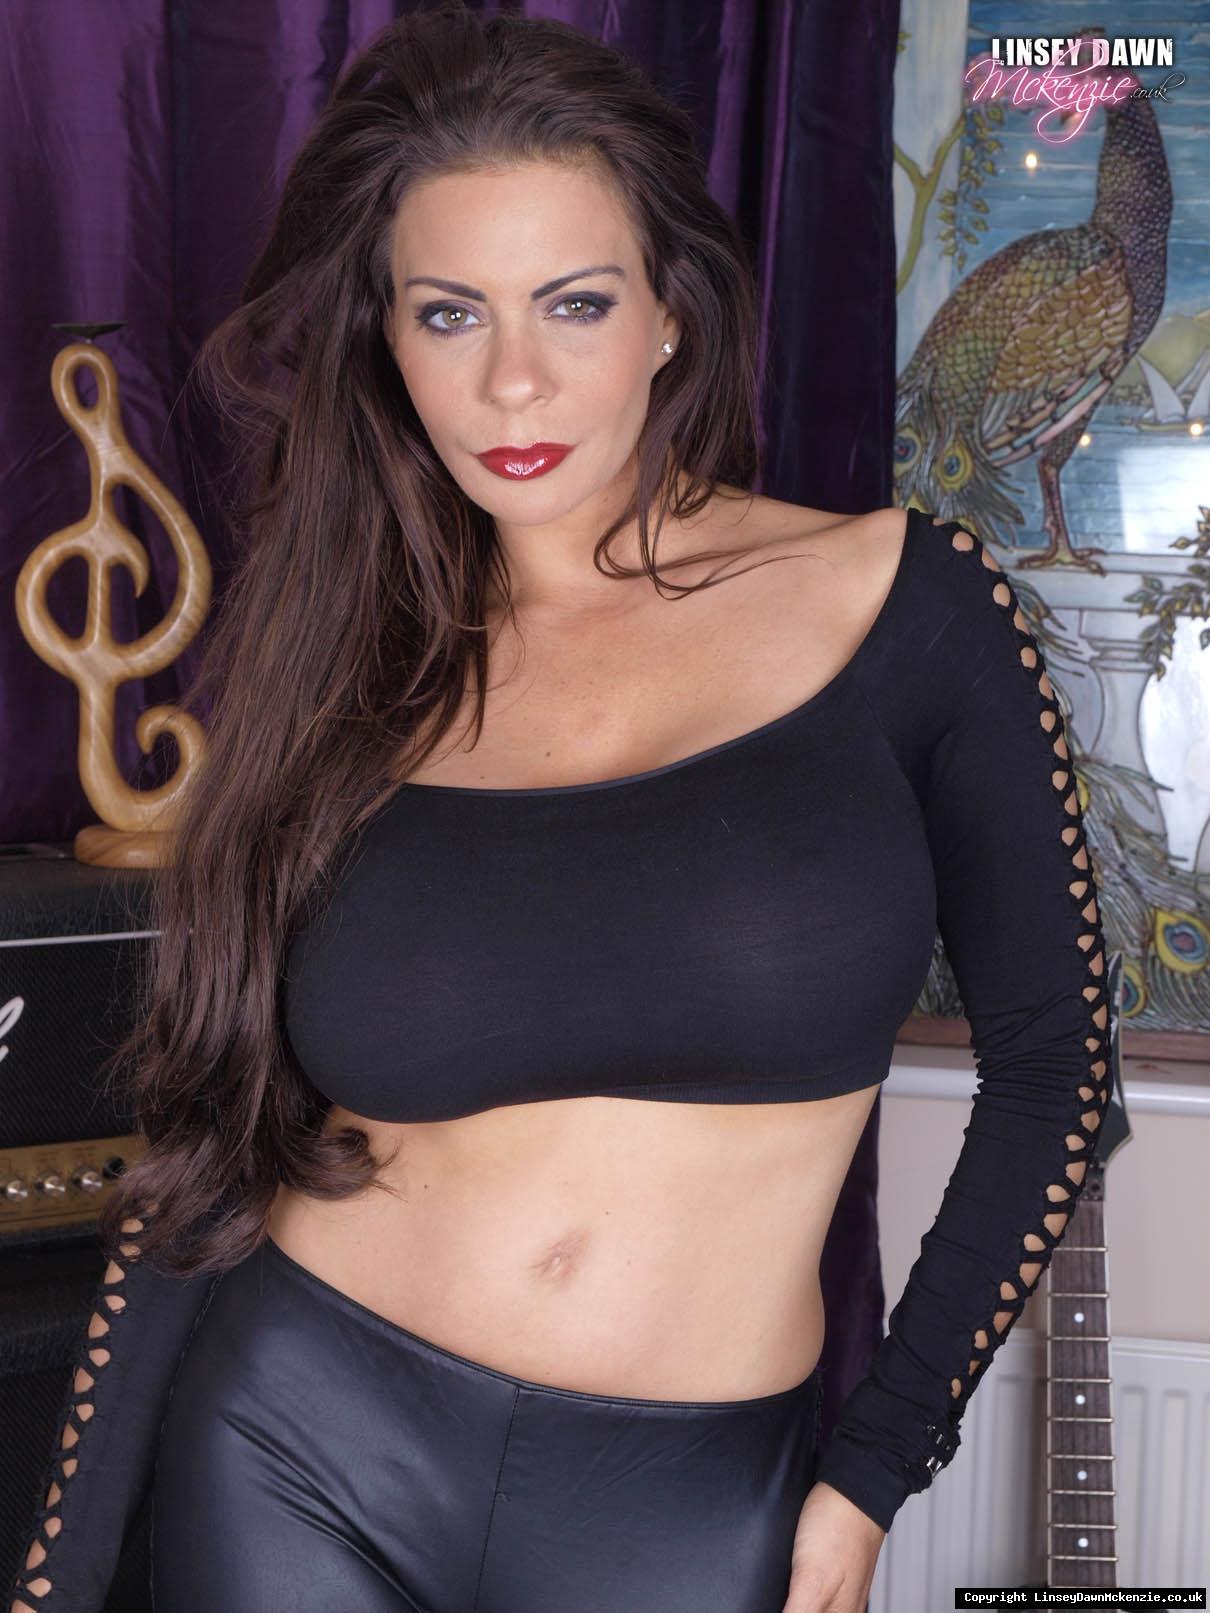 Vidos Porno Linsey Dawn Mckenzie YouPorncom